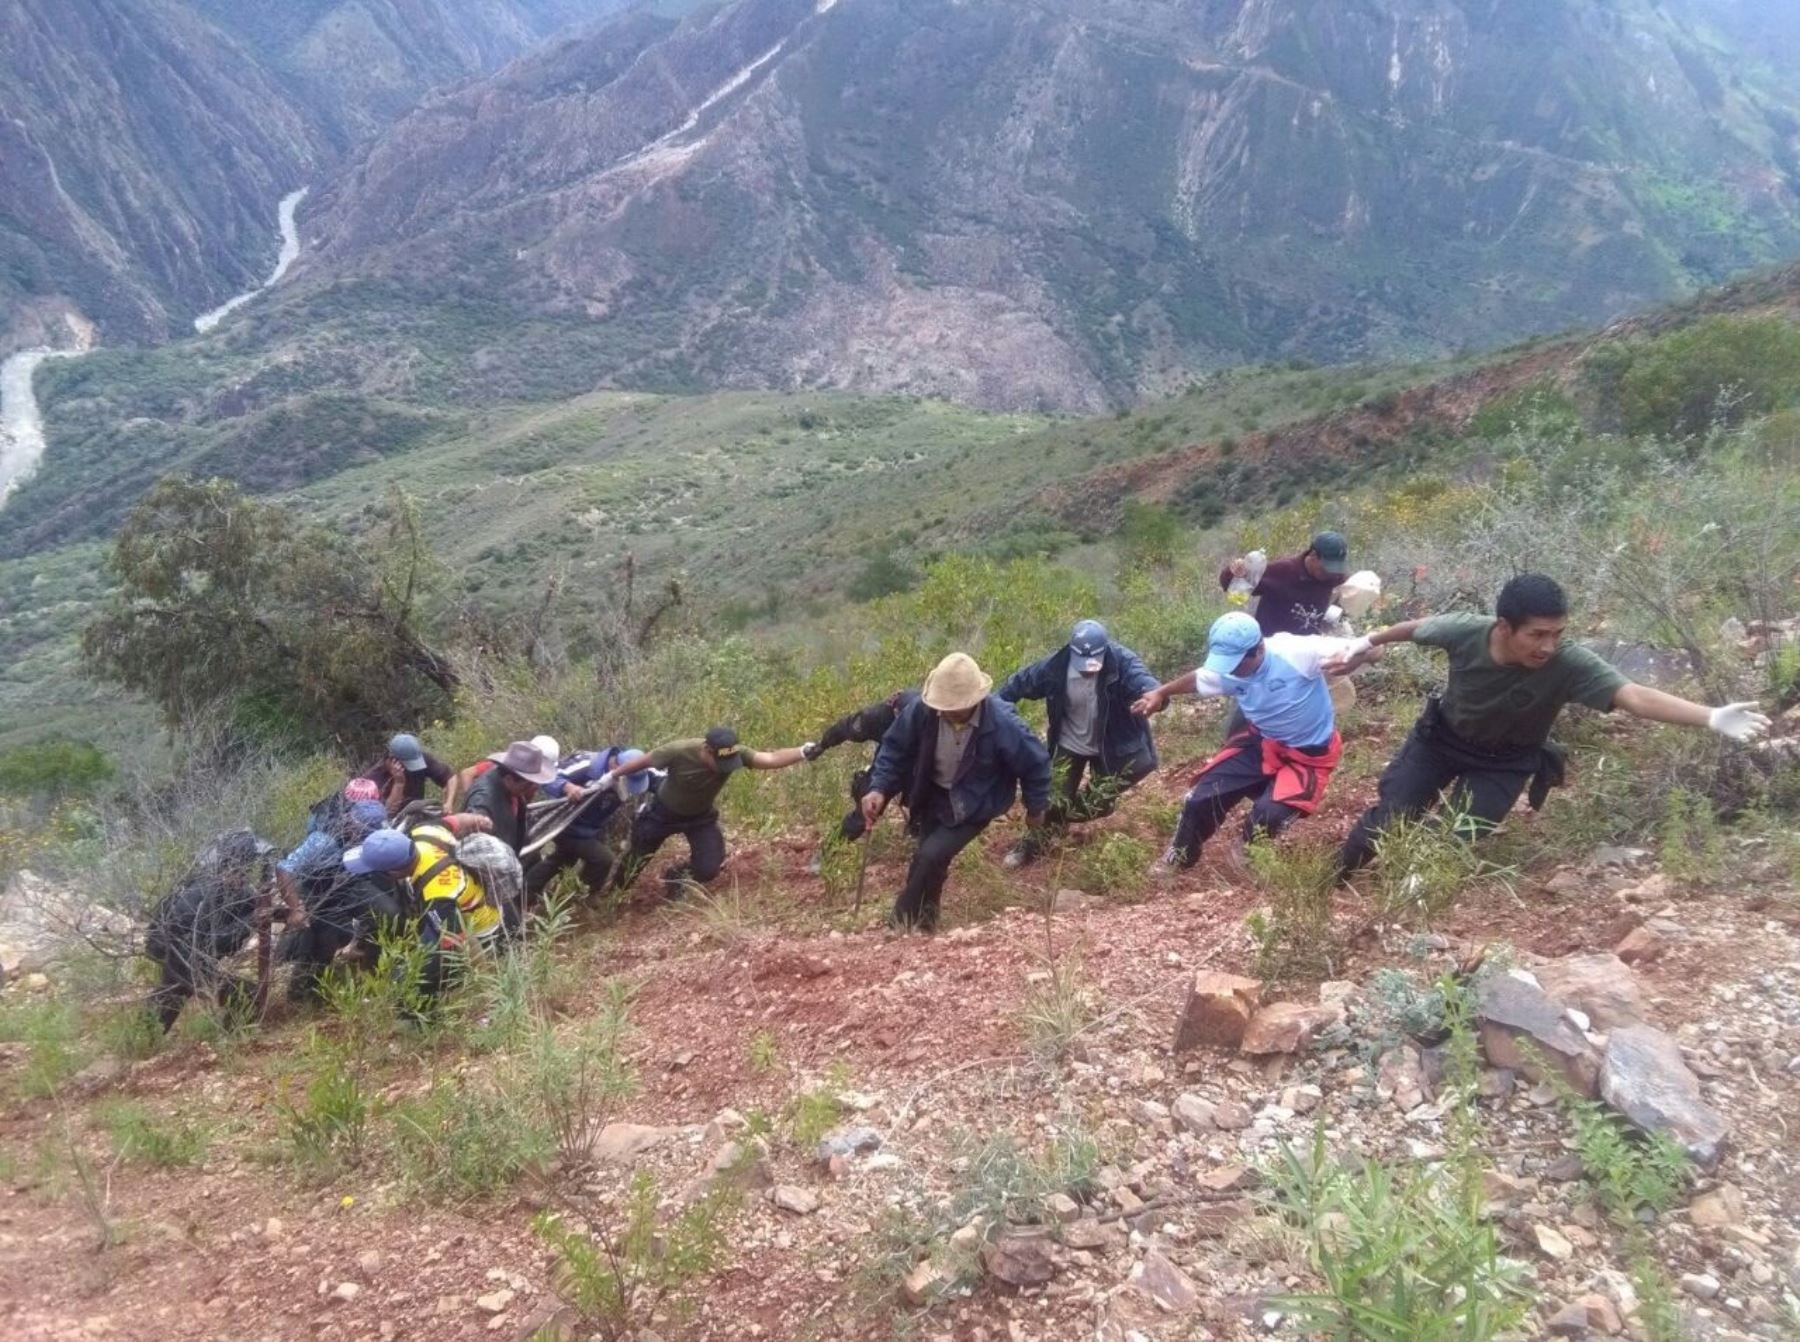 Cuatro personas mueren luego que el vehículo en que se transportaban cayera a un abismo en la sierra de Áncash.